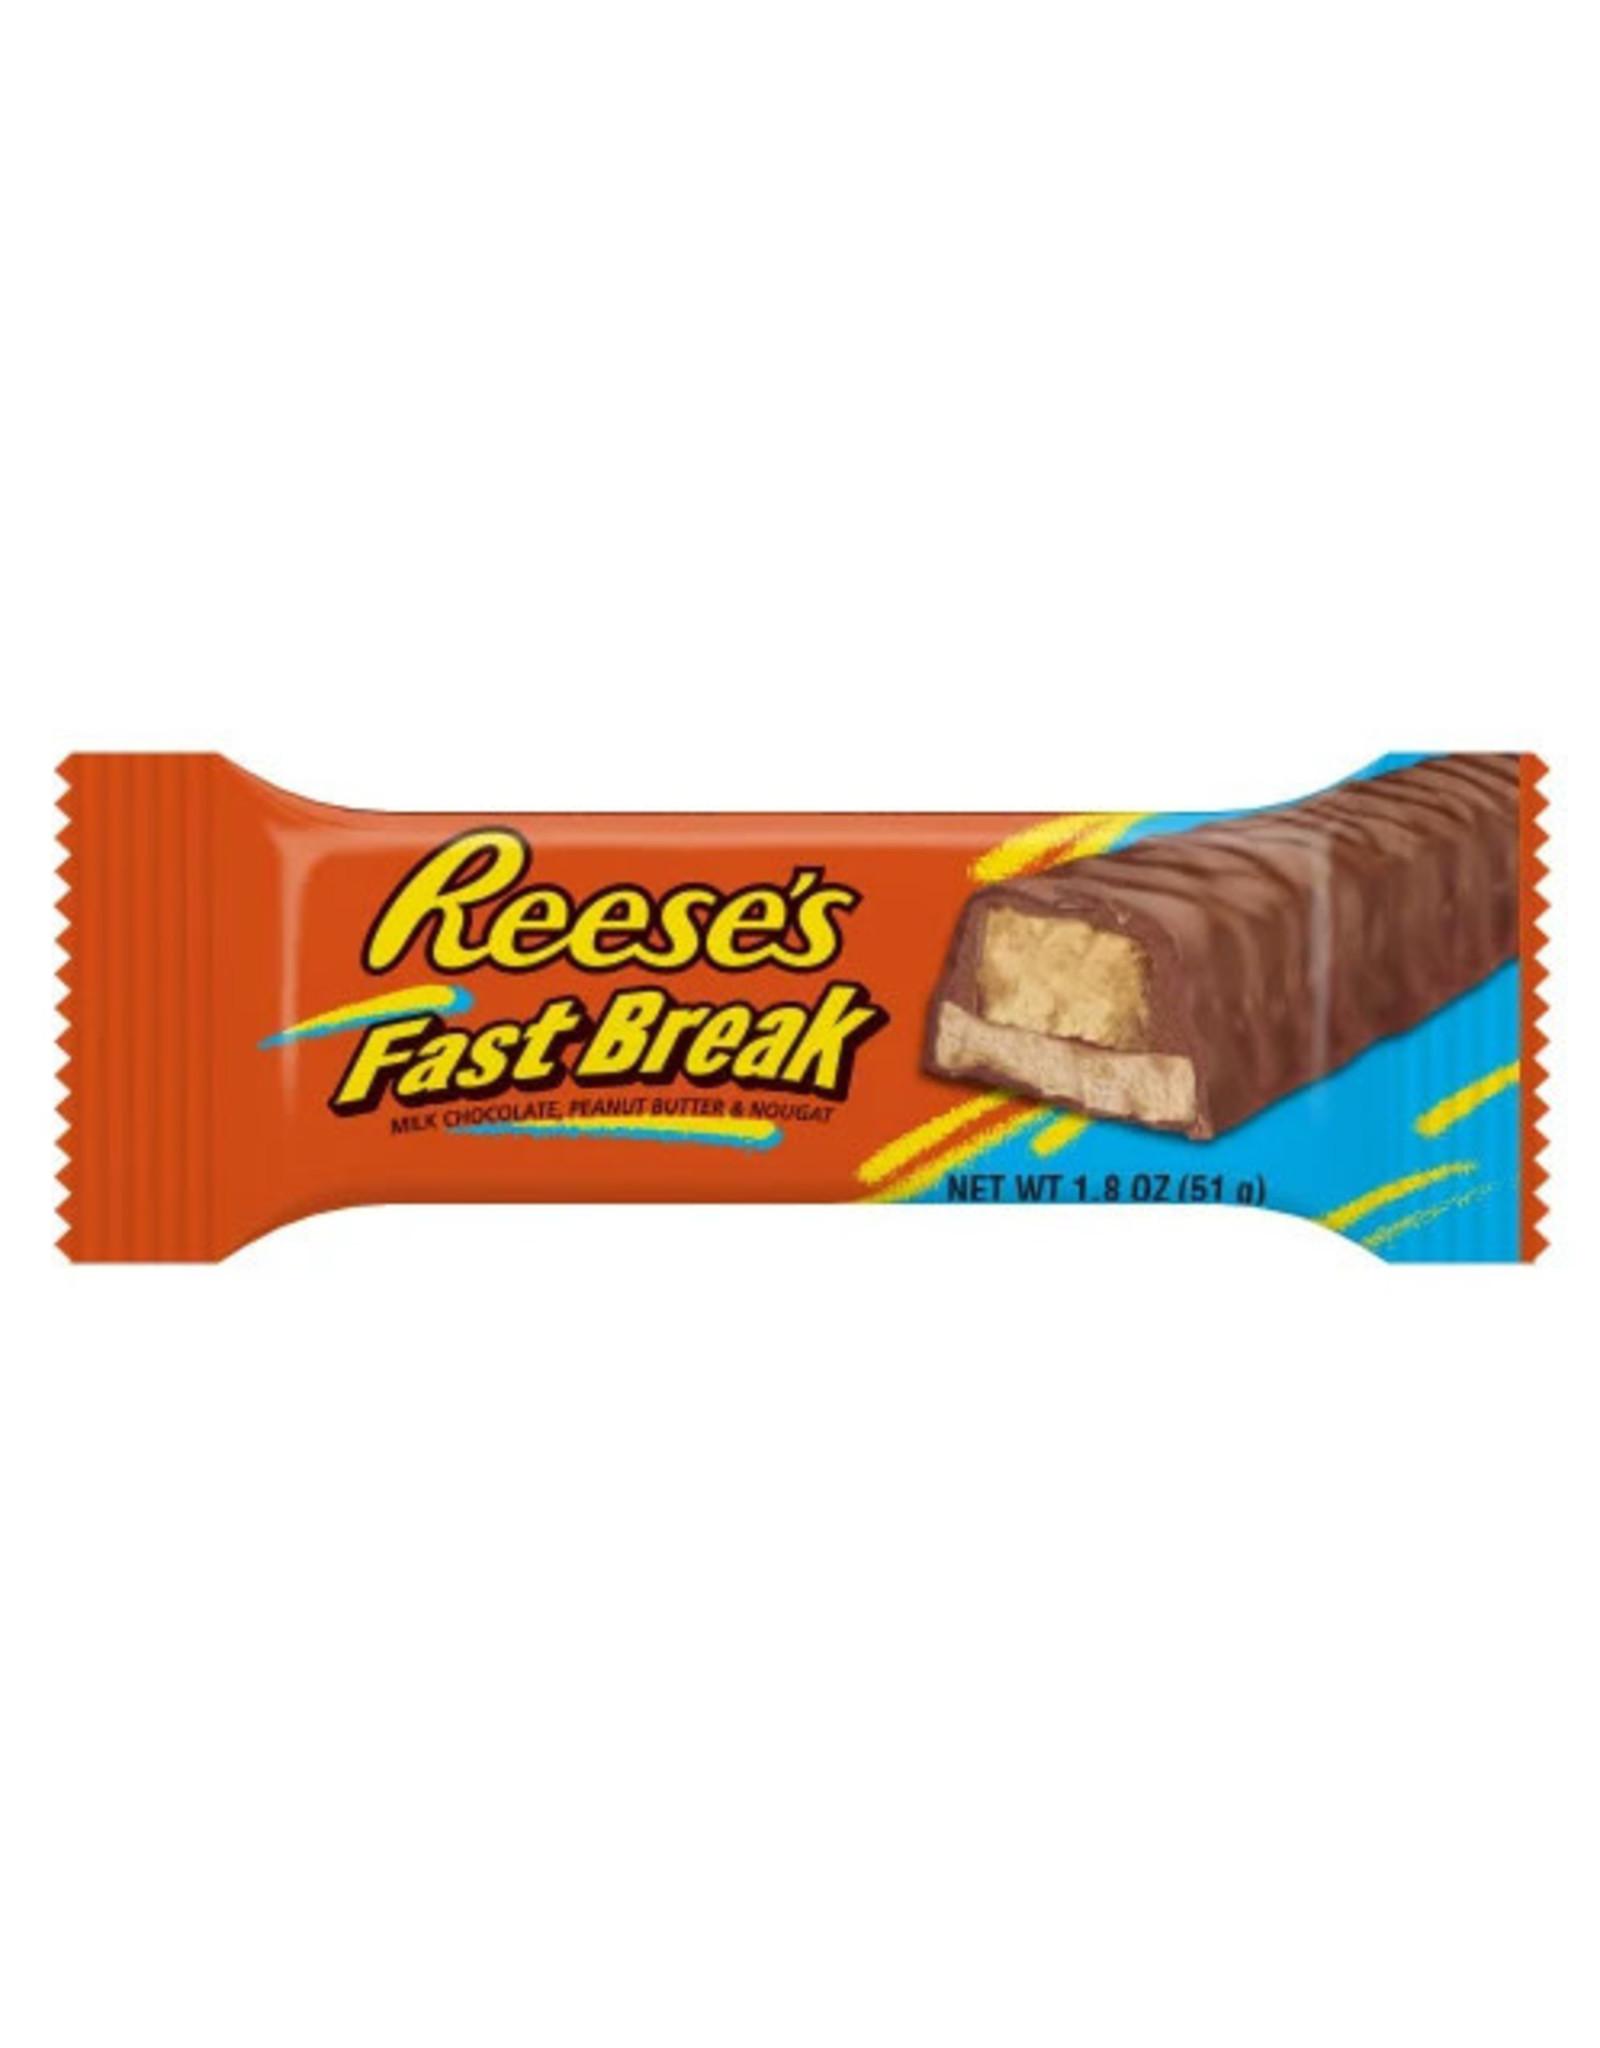 Reese's Fast Break - 51g